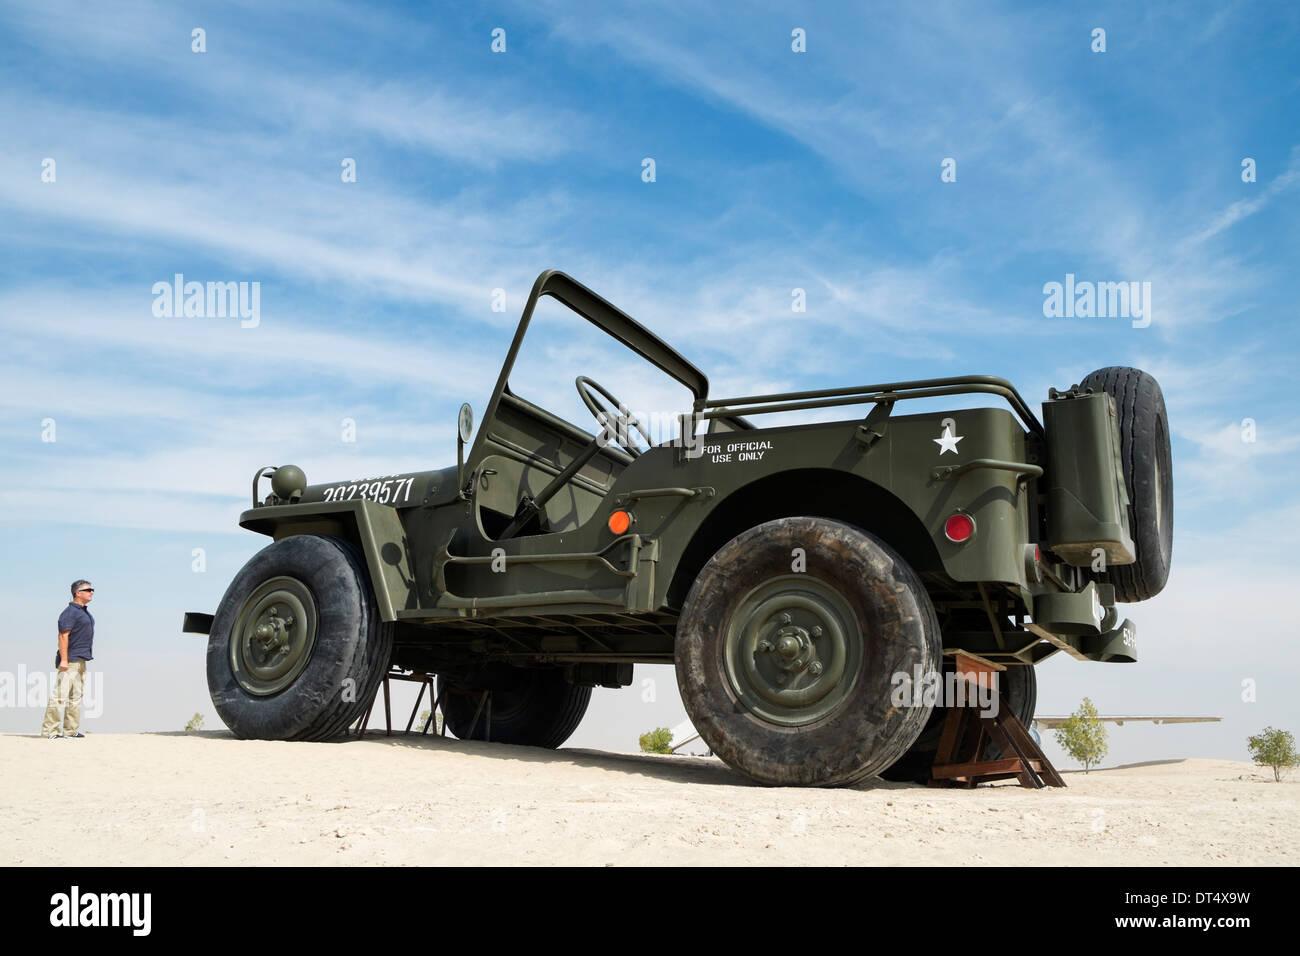 Weltweit größte motorisierten LKW (Willy Jeep) Emirates National Auto Museum außerhalb Abu Dhabi, Vereinigte Arabische Emirate Stockbild